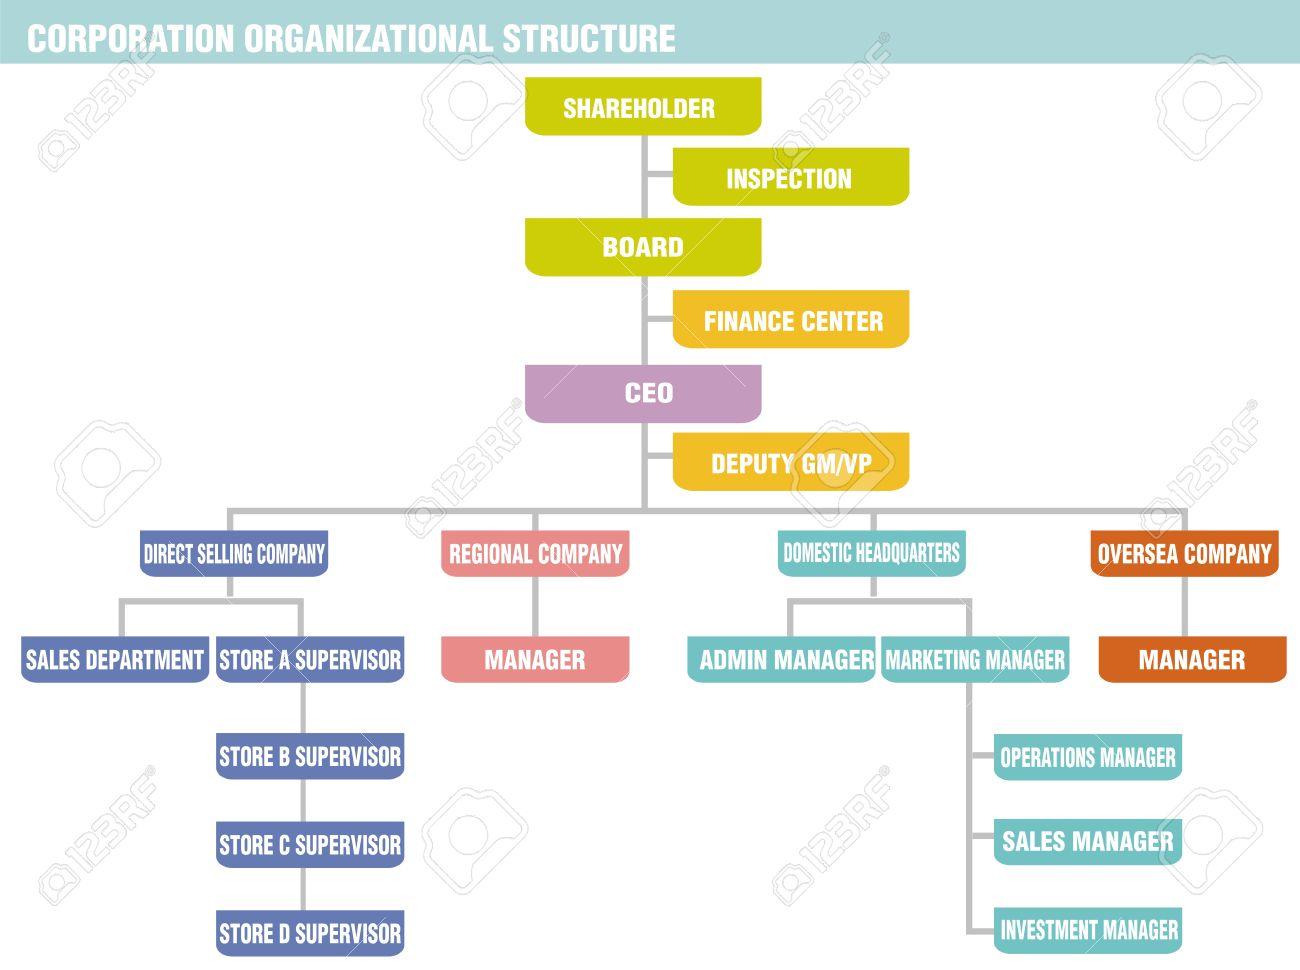 Las Empresas Pueden Tener Muchas Estructuras De Organización Pero La Estructura De La Organización De Sociedades Más Típica Consiste En Que El